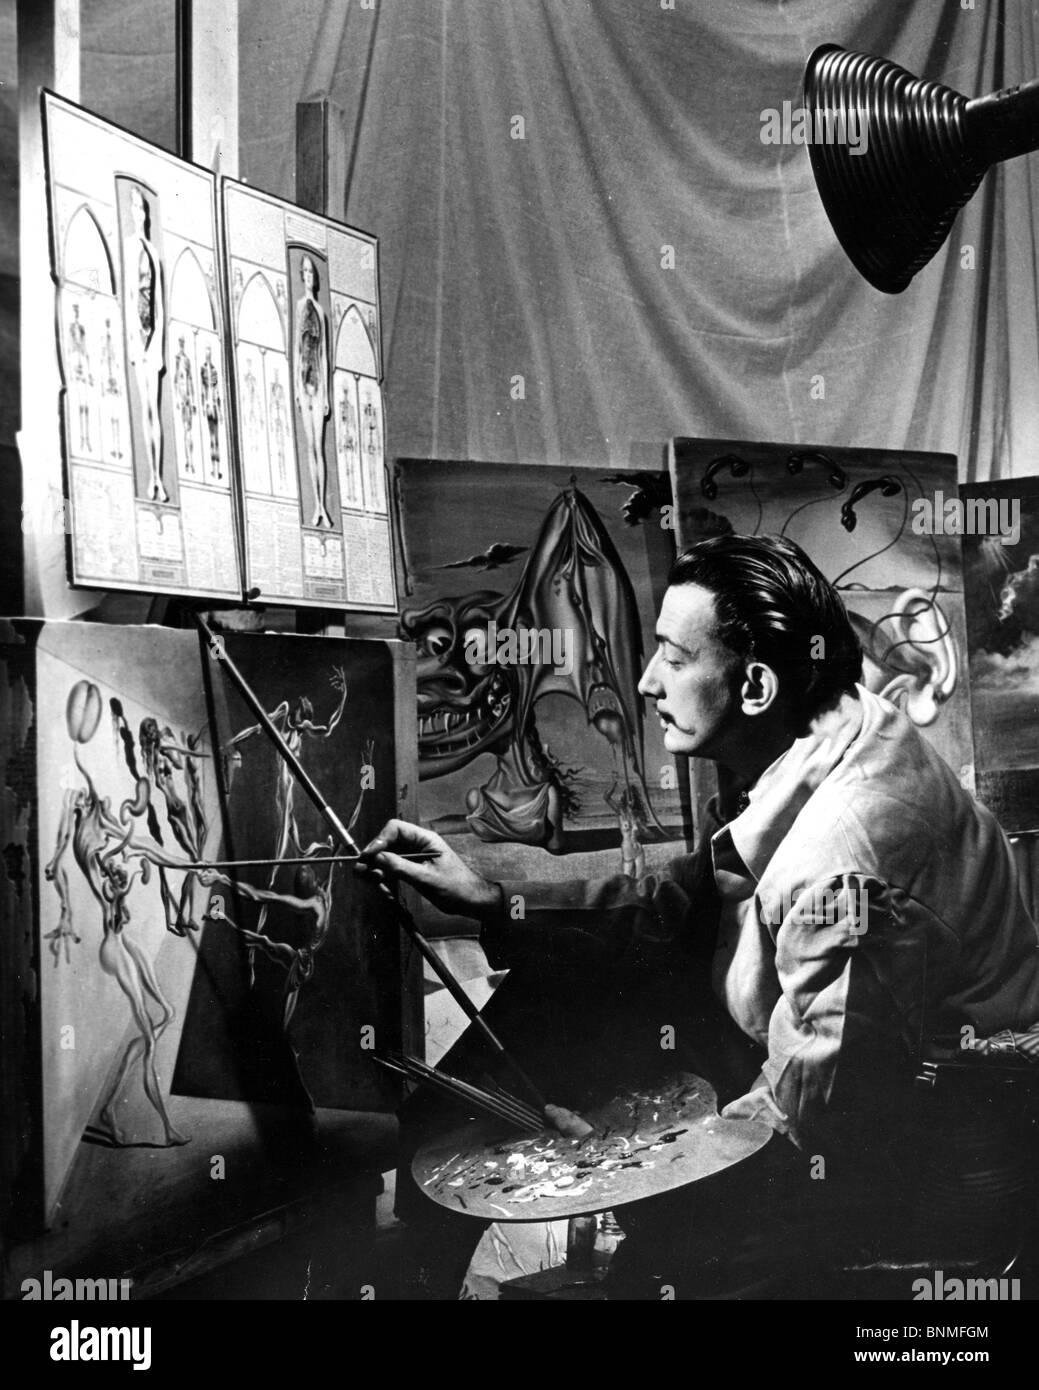 Spanische Künstler SALVADOR DALI (1984-89) arbeiten und Leben in den USA 1940 - siehe Beschreibung unten Stockfoto